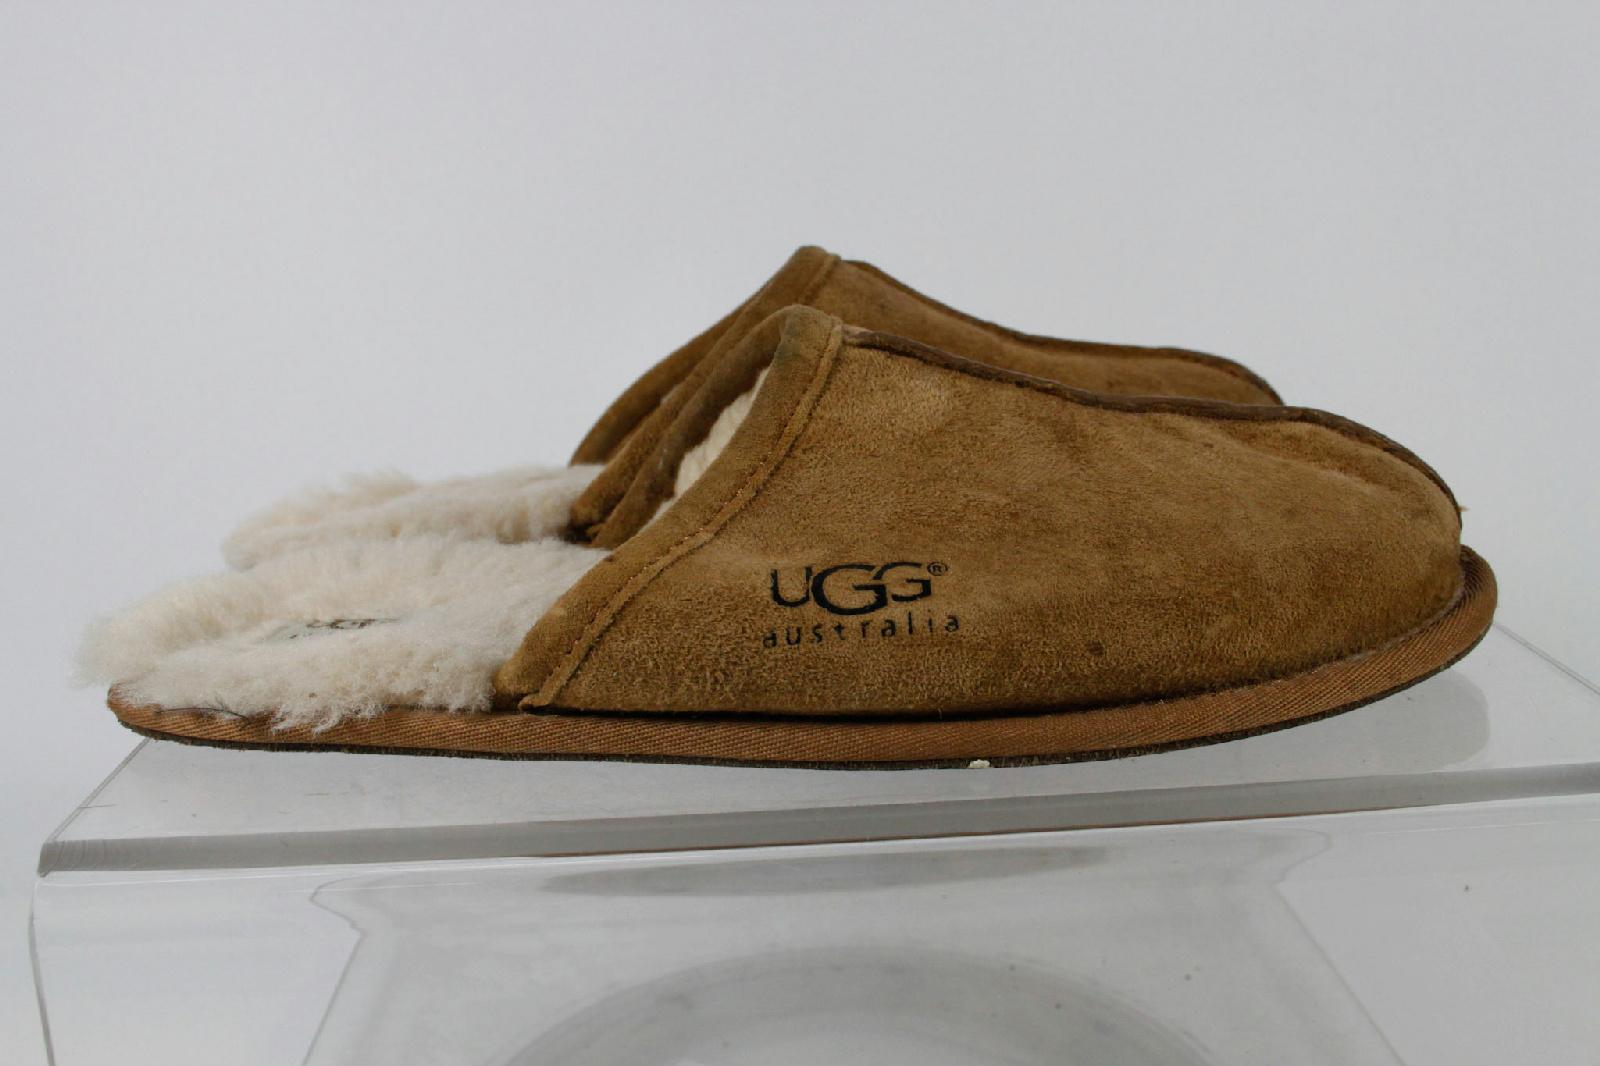 ugg australia shoe size